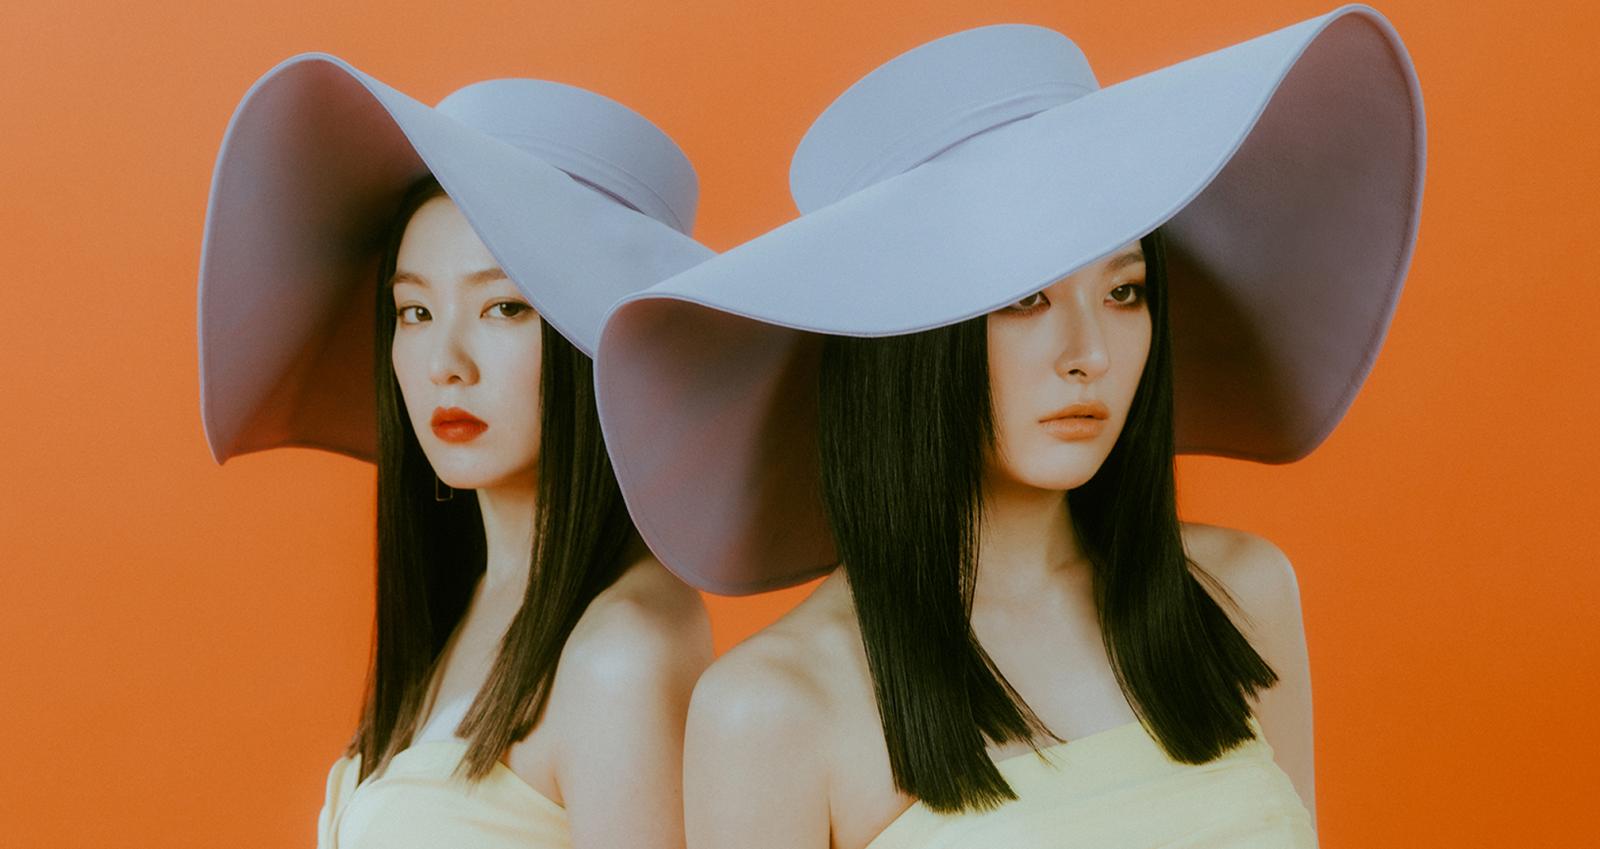 Red Velvet, Irene, Seulgi, SM bất chợt hoãn phát hành MV Monster, Fan Red Velvet tức tối khi SM bất chợt báo hoãn MV 'Monster' của Irene và Seulgi